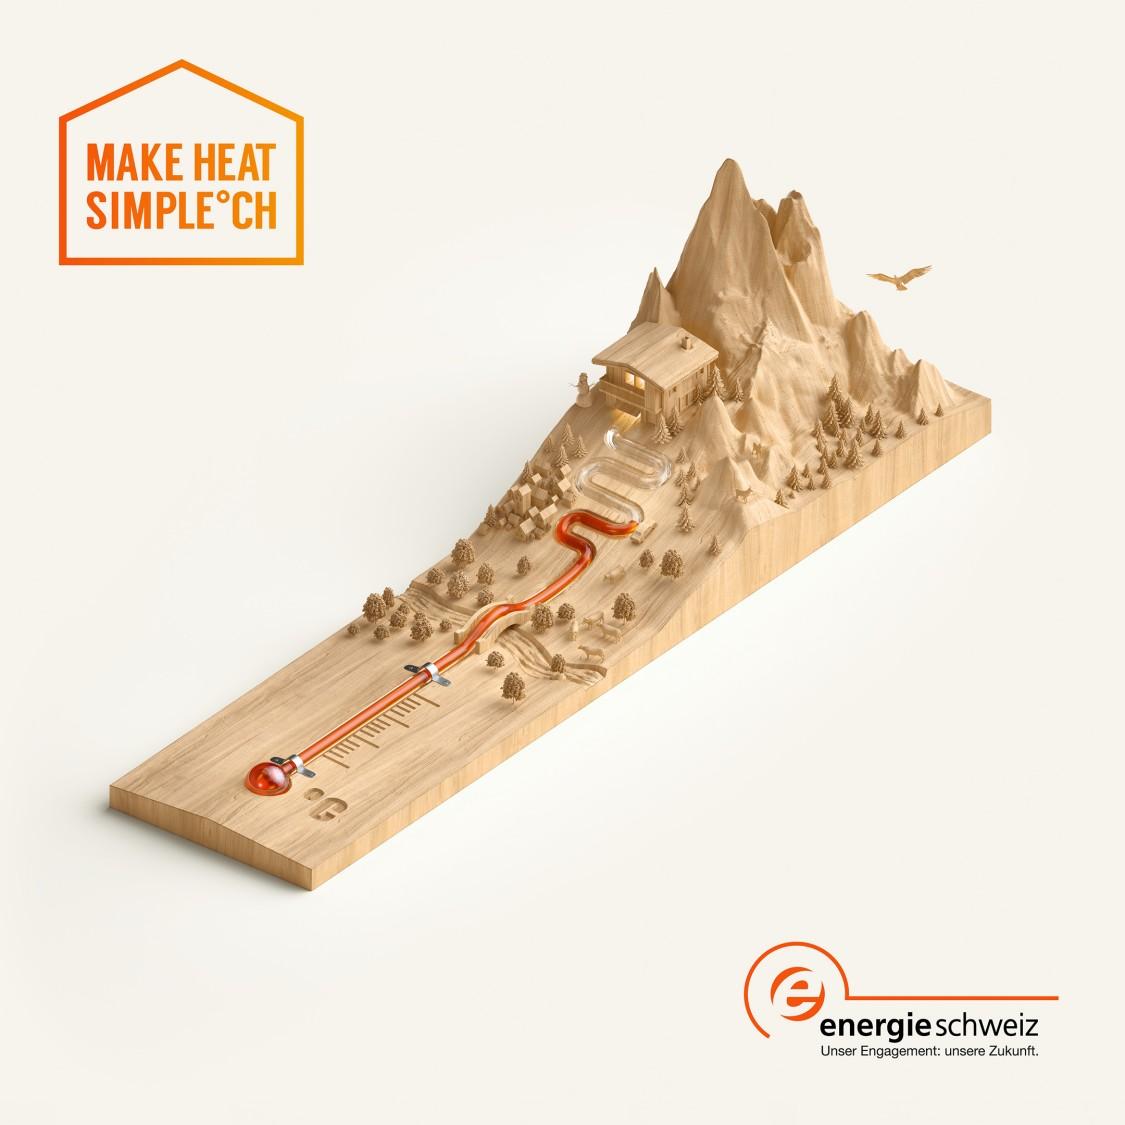 MakeHeatSimple Kampagne Energie Schweiz